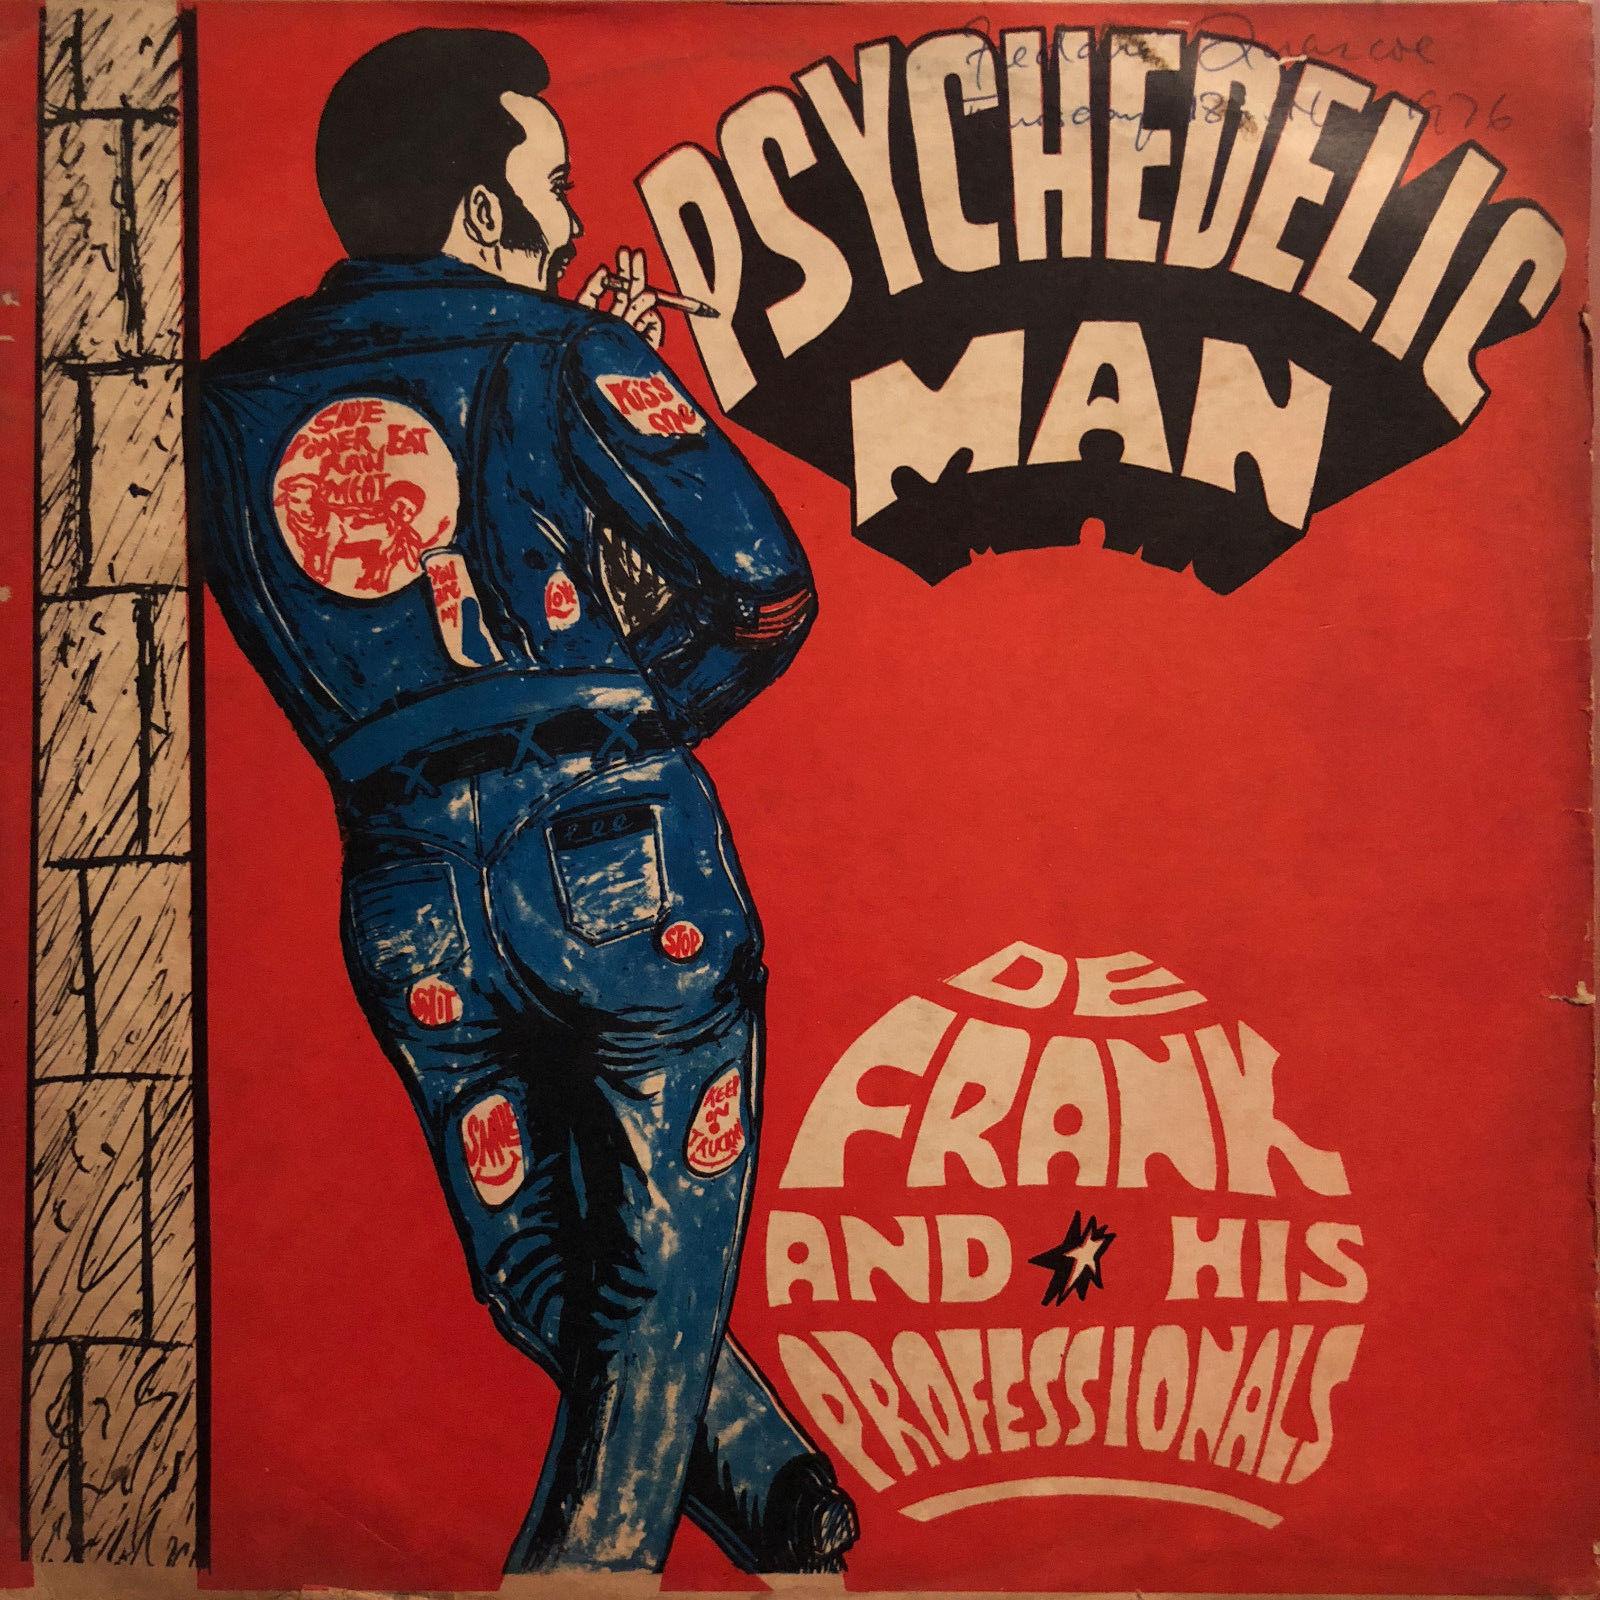 DE FRANK & HIS PROFESSIONALS - PSYCHEDELIC MAN LP Afro Funk Ghana ORIGINAL